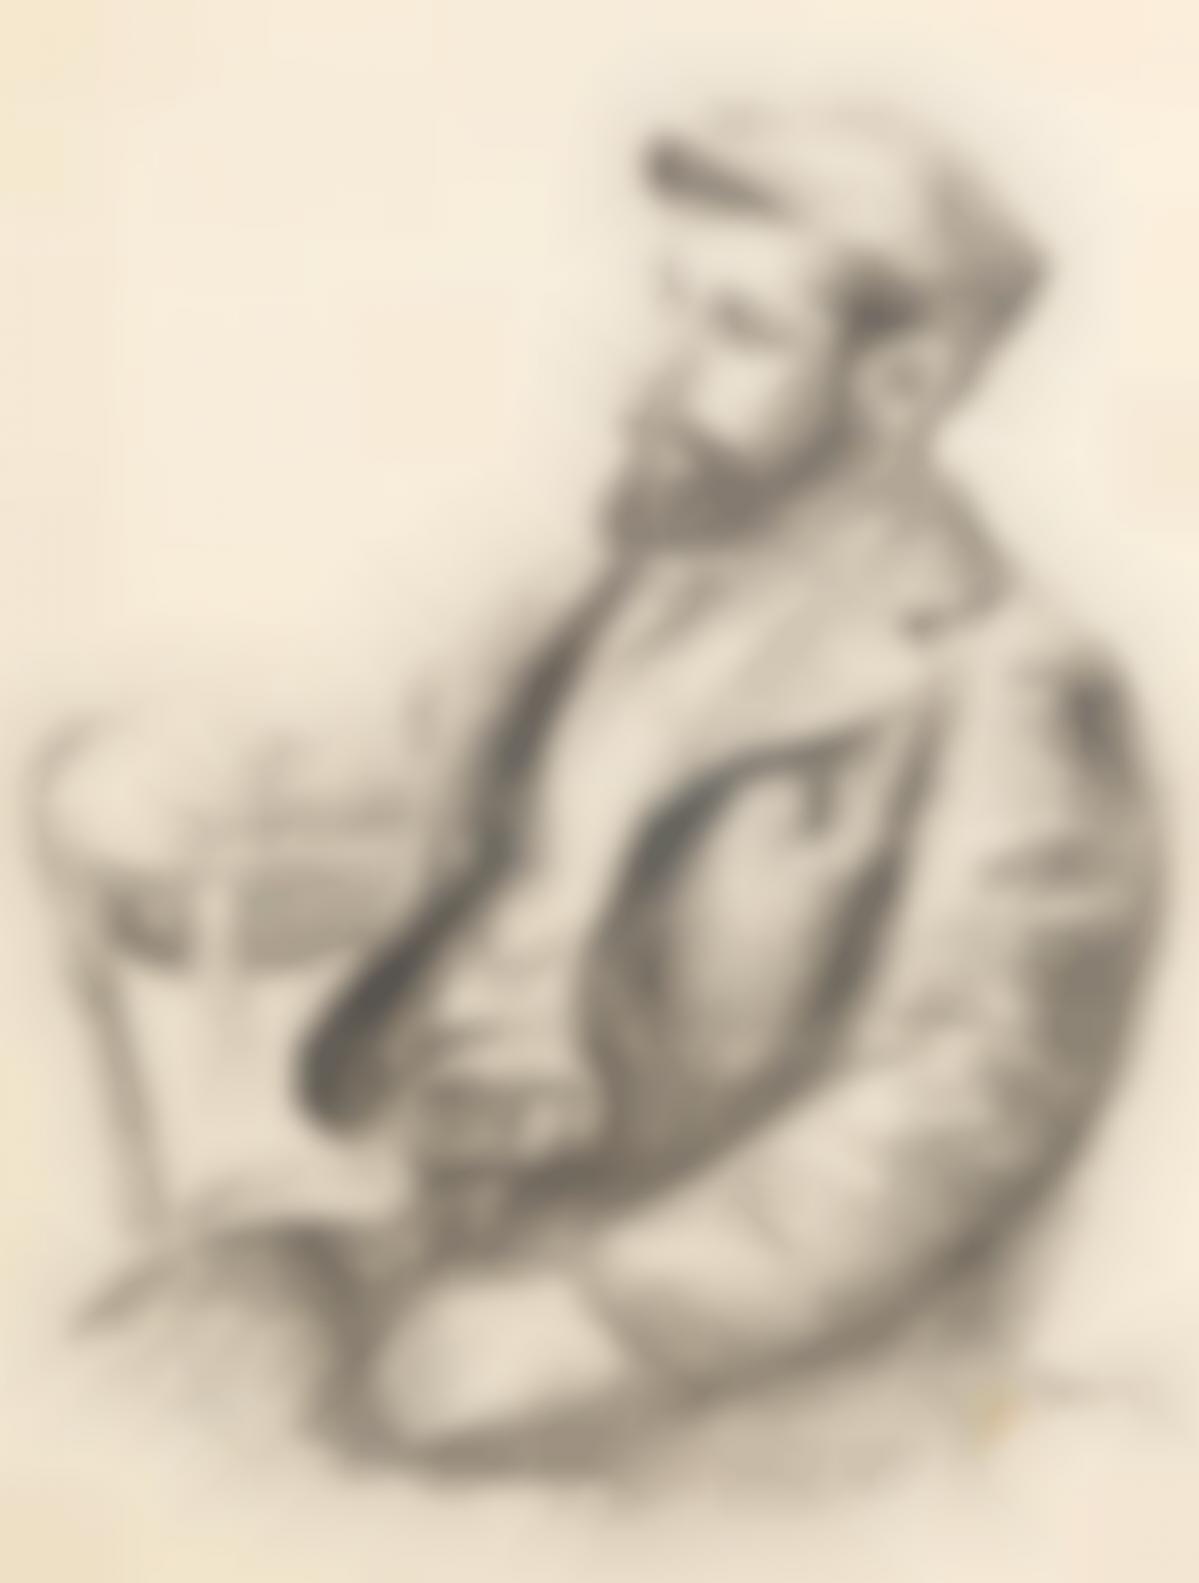 Pierre-Auguste Renoir-Louis Valtat; From Lalbum Des Douze Lithographies (D. 38), C. 1904-1904